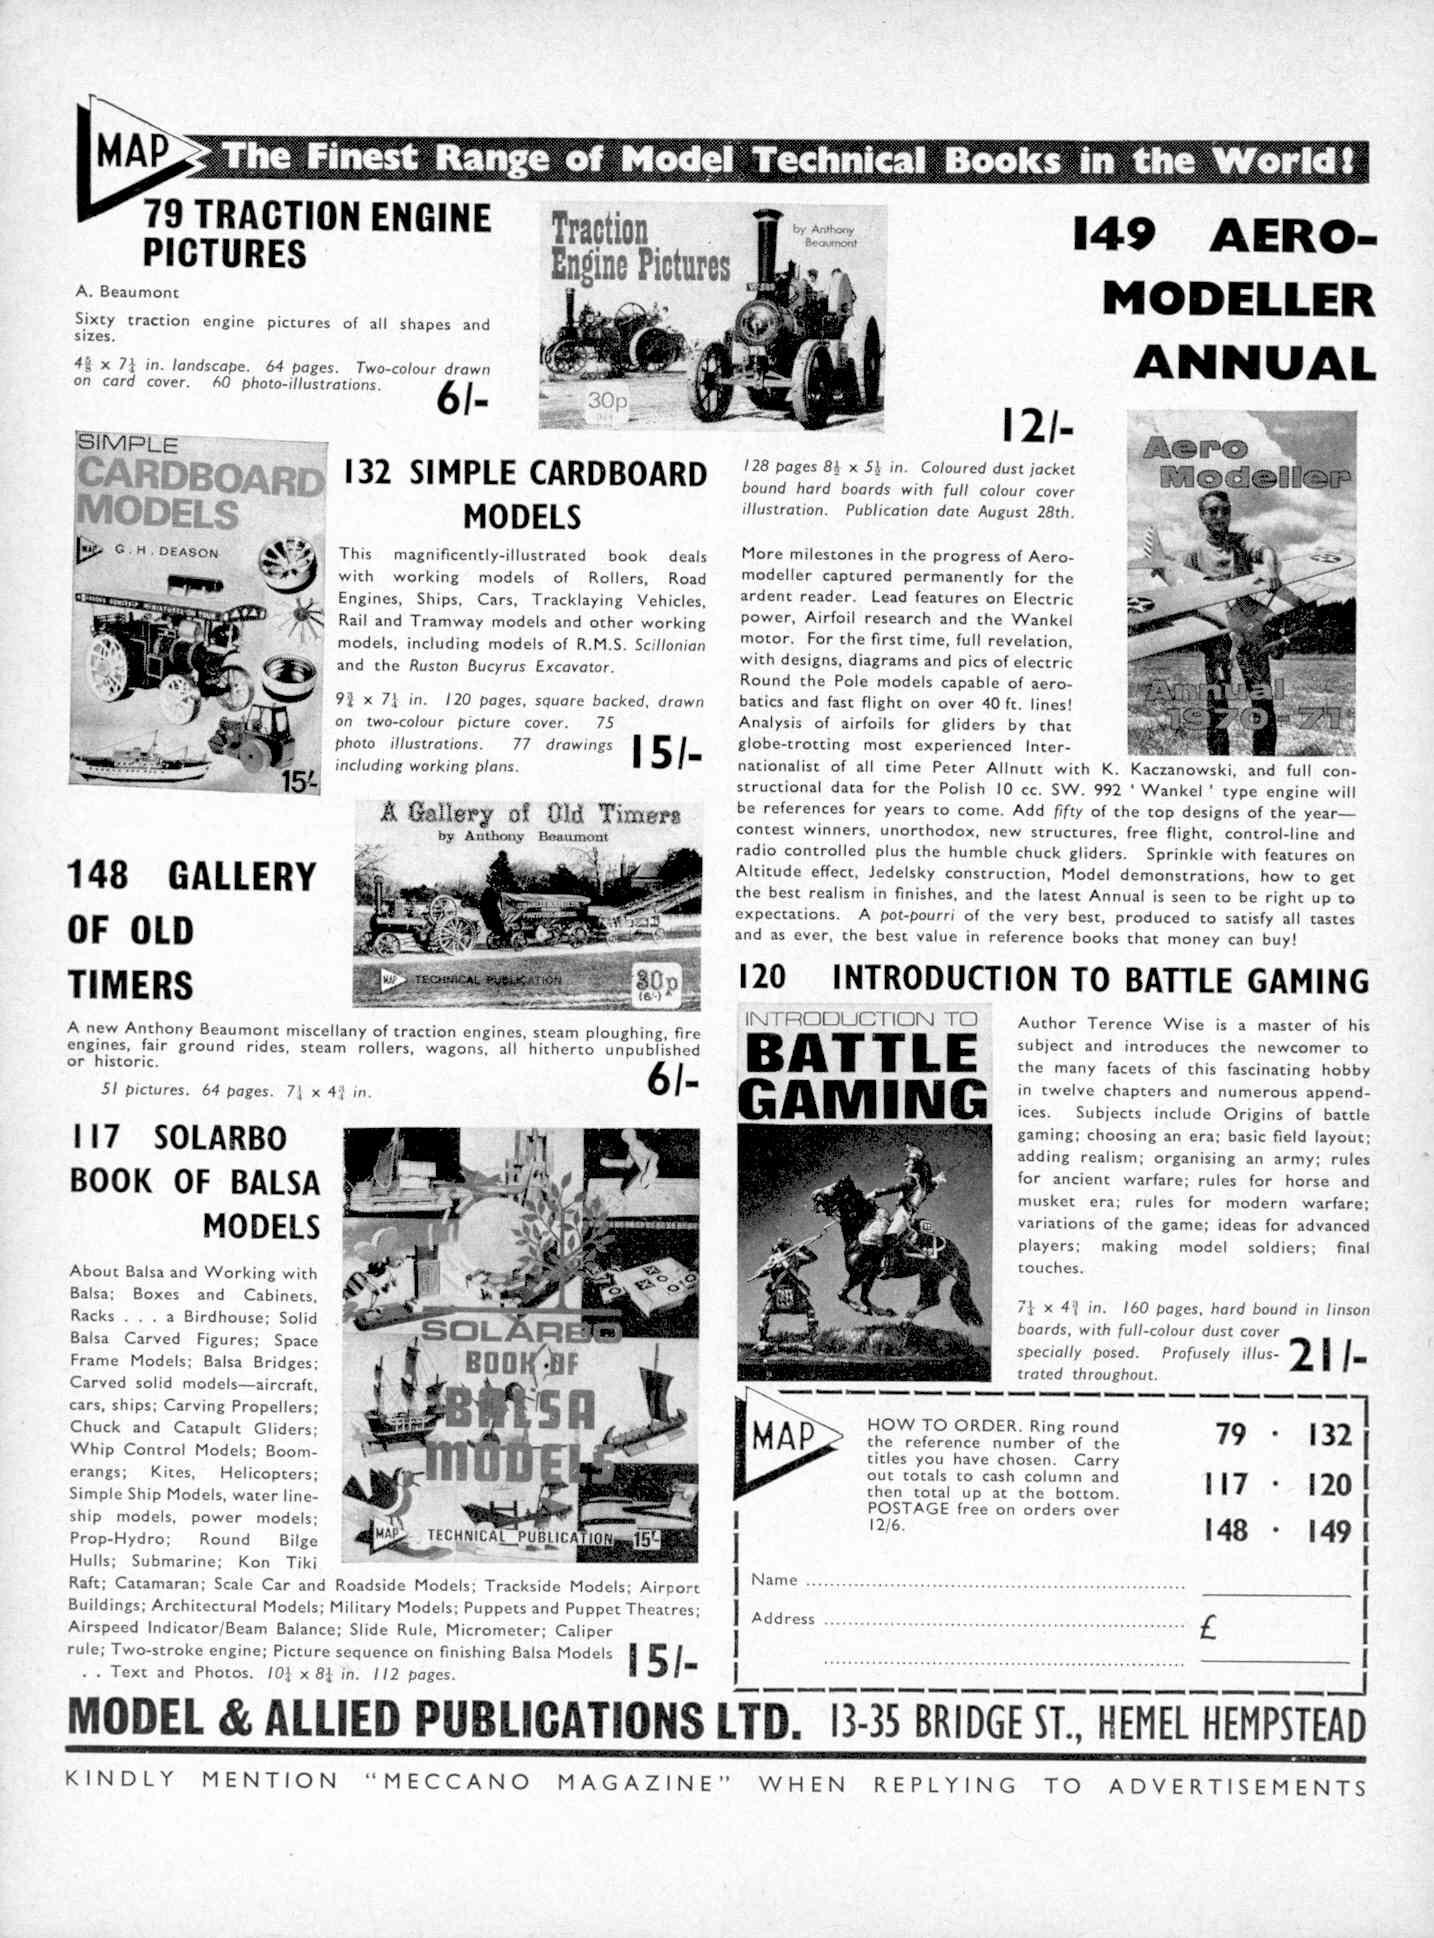 UK Meccano Magazine October 1970 Page 532